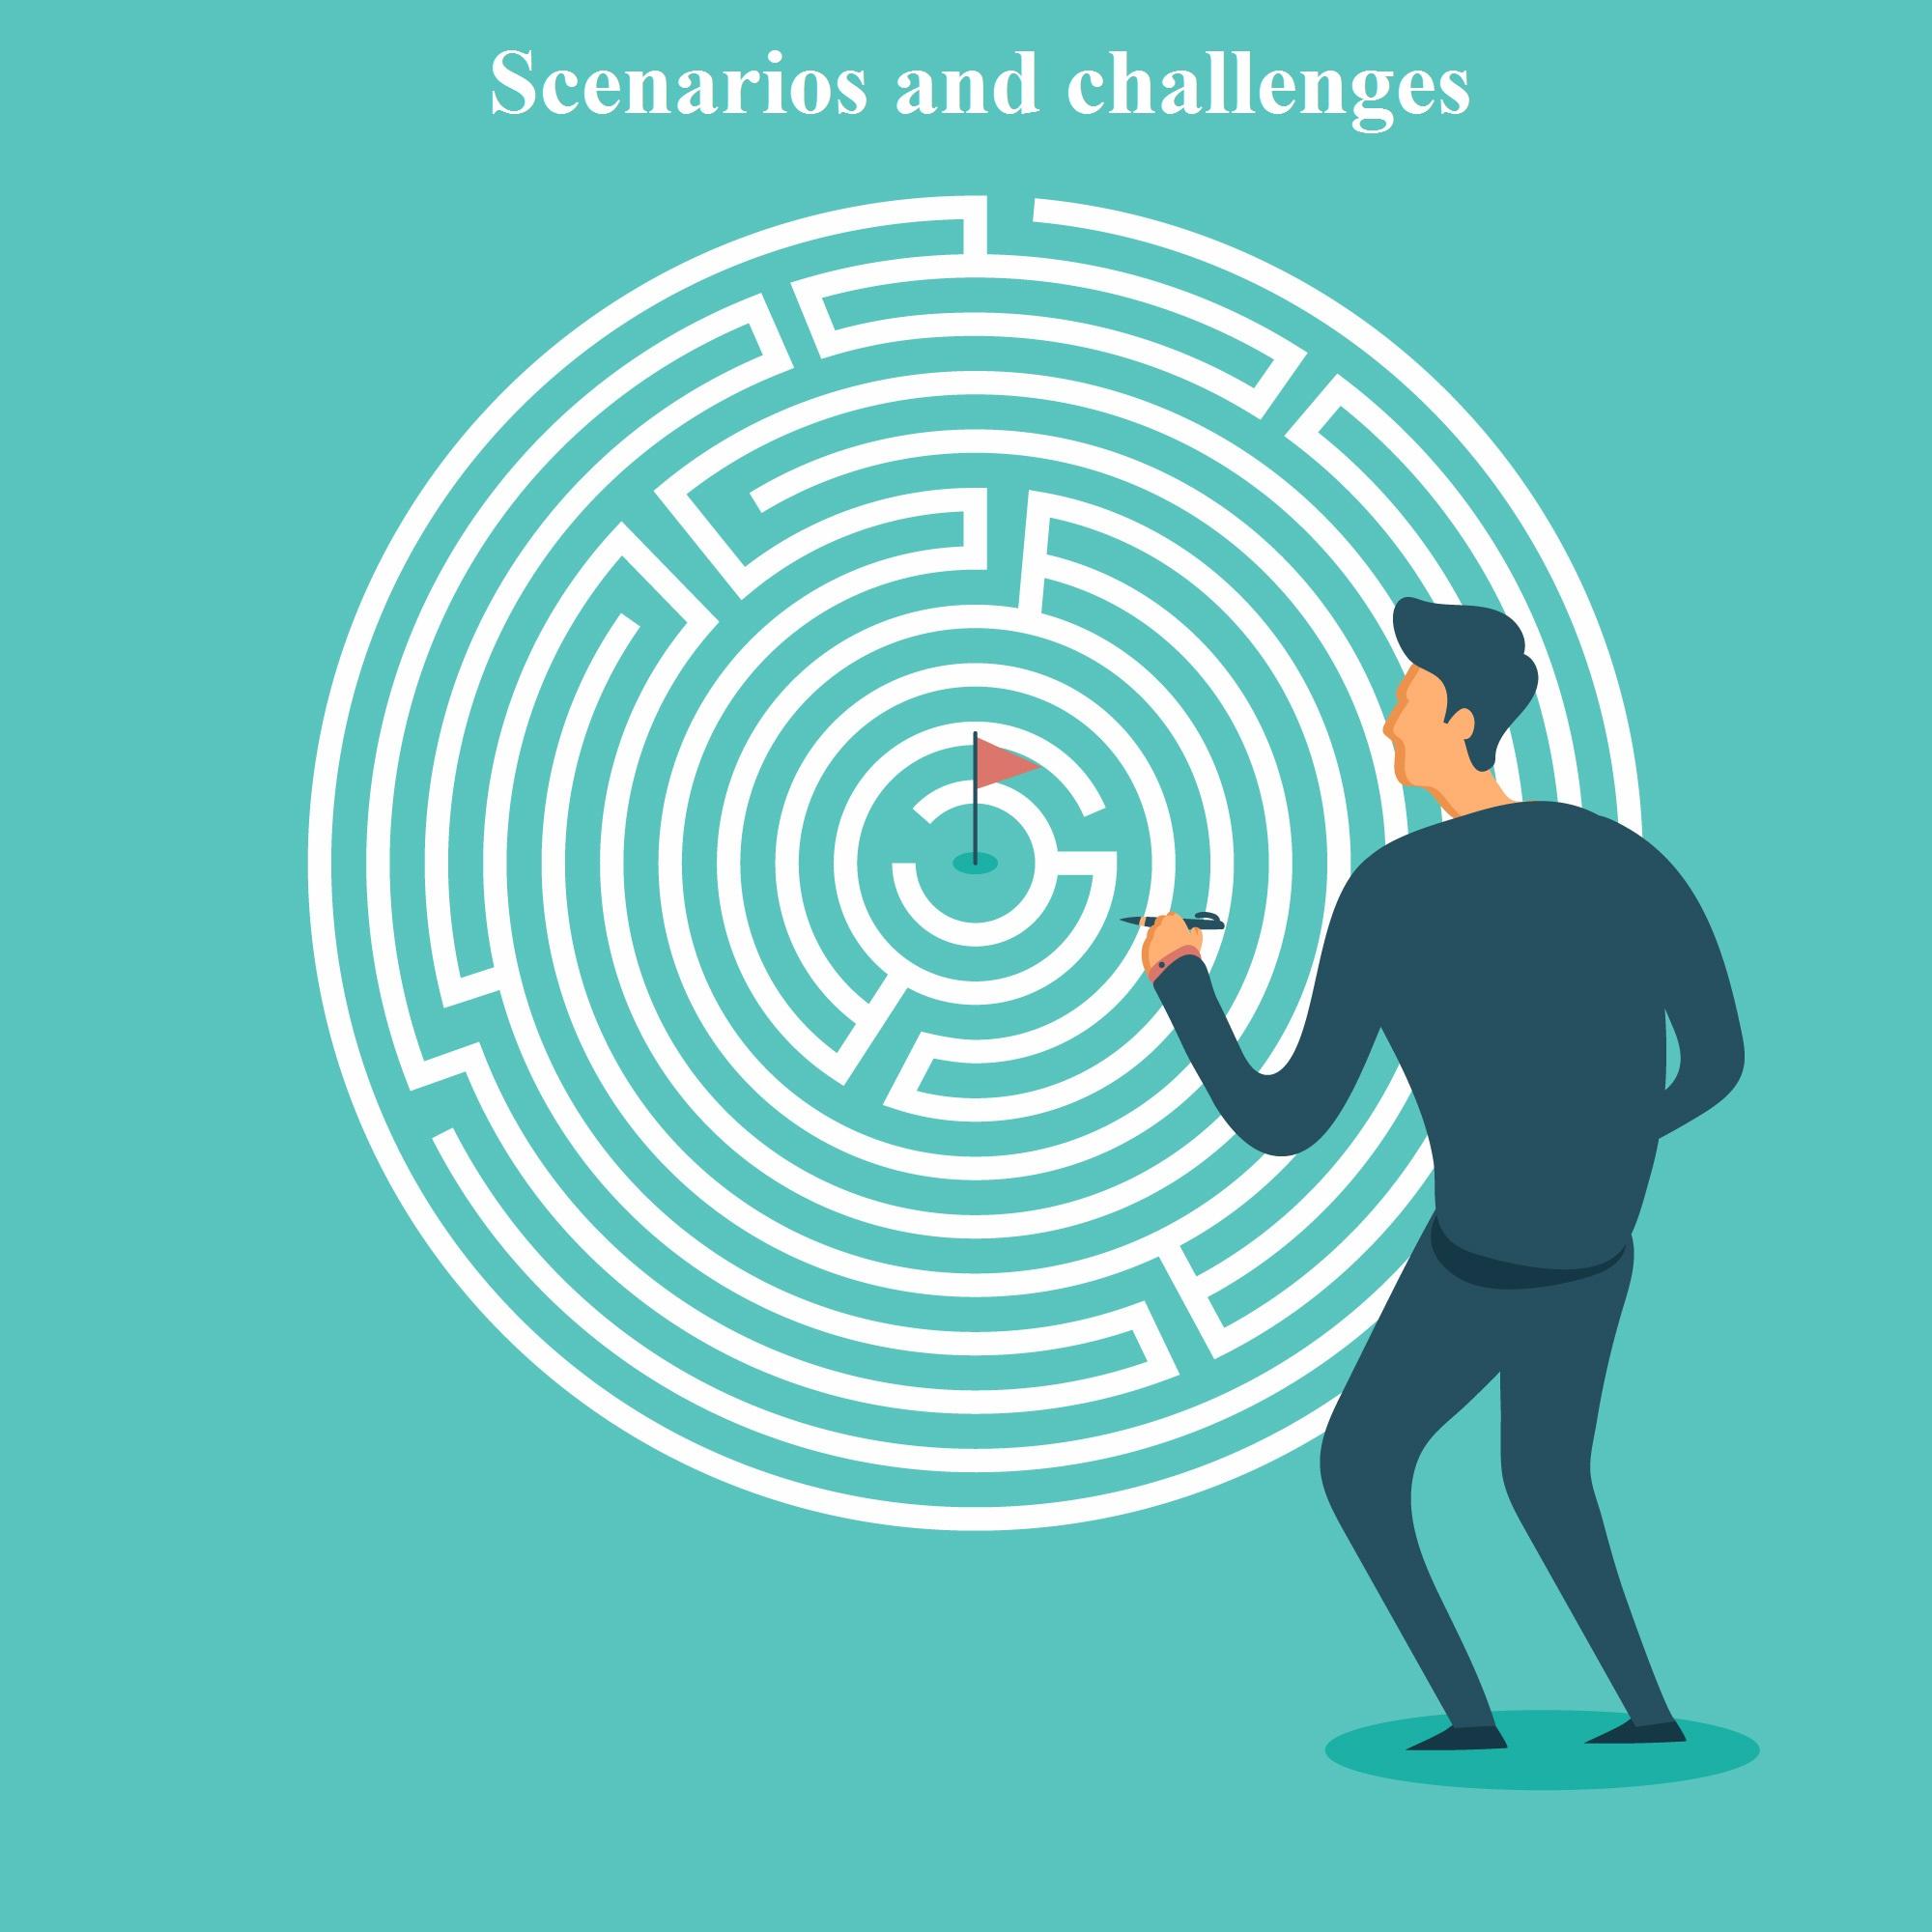 Scenarios and challenges